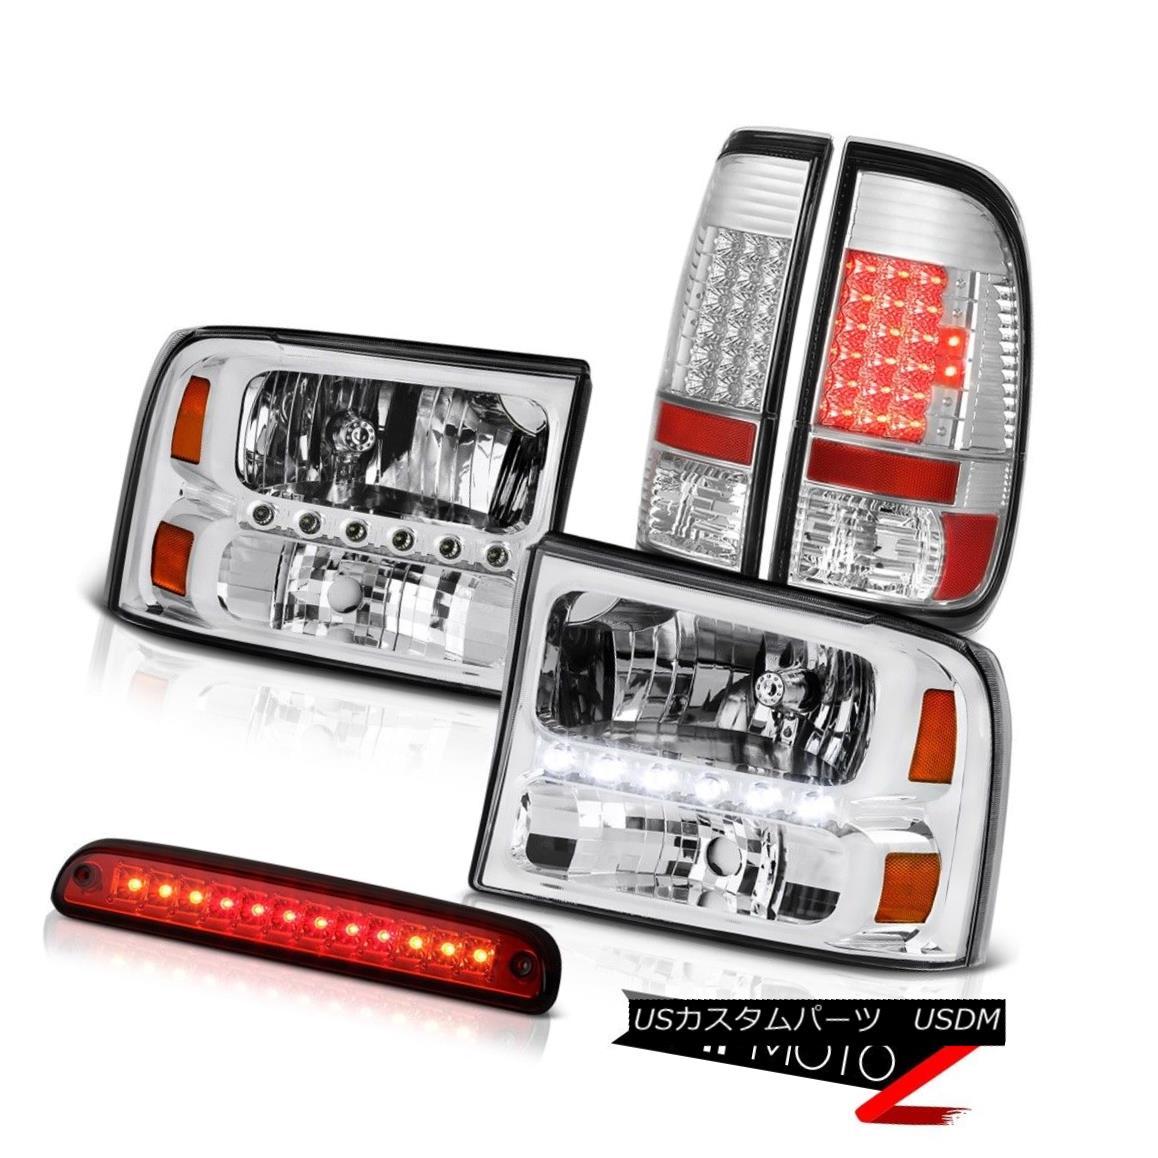 ヘッドライト 99-04 F350 XLT Crystal Clear Headlamps Chrome Tail Lamps Roof Brake Cargo LED 99-04 F350 XLTクリスタルクリアヘッドランプクロームテールランプルーフブレーキカーゴLED